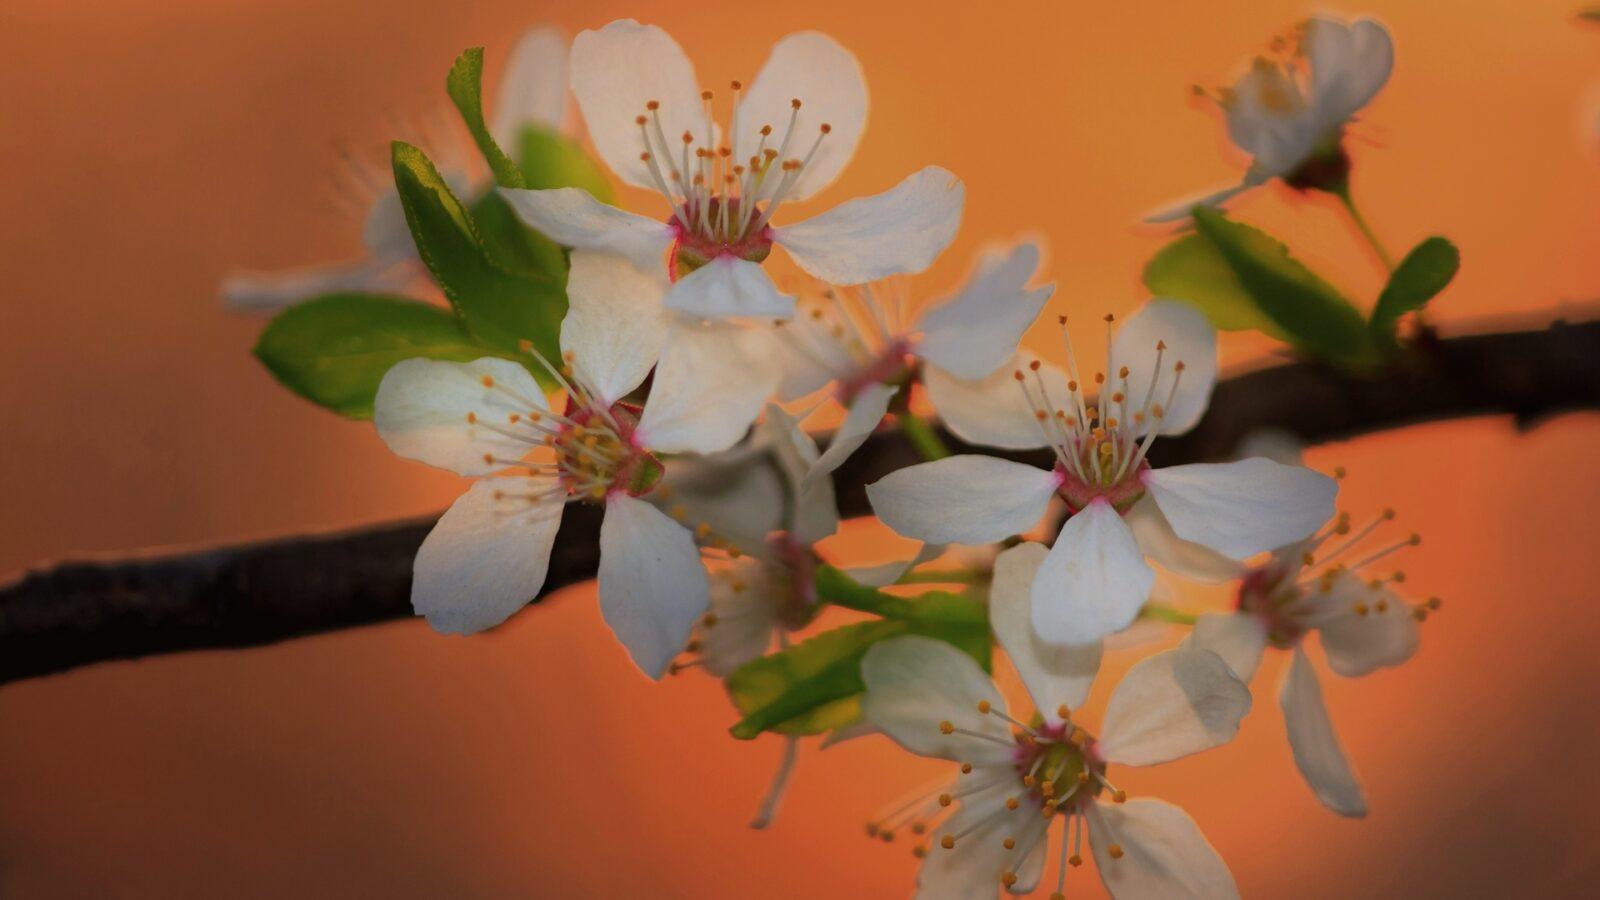 śliwa tarnina -kwiaty